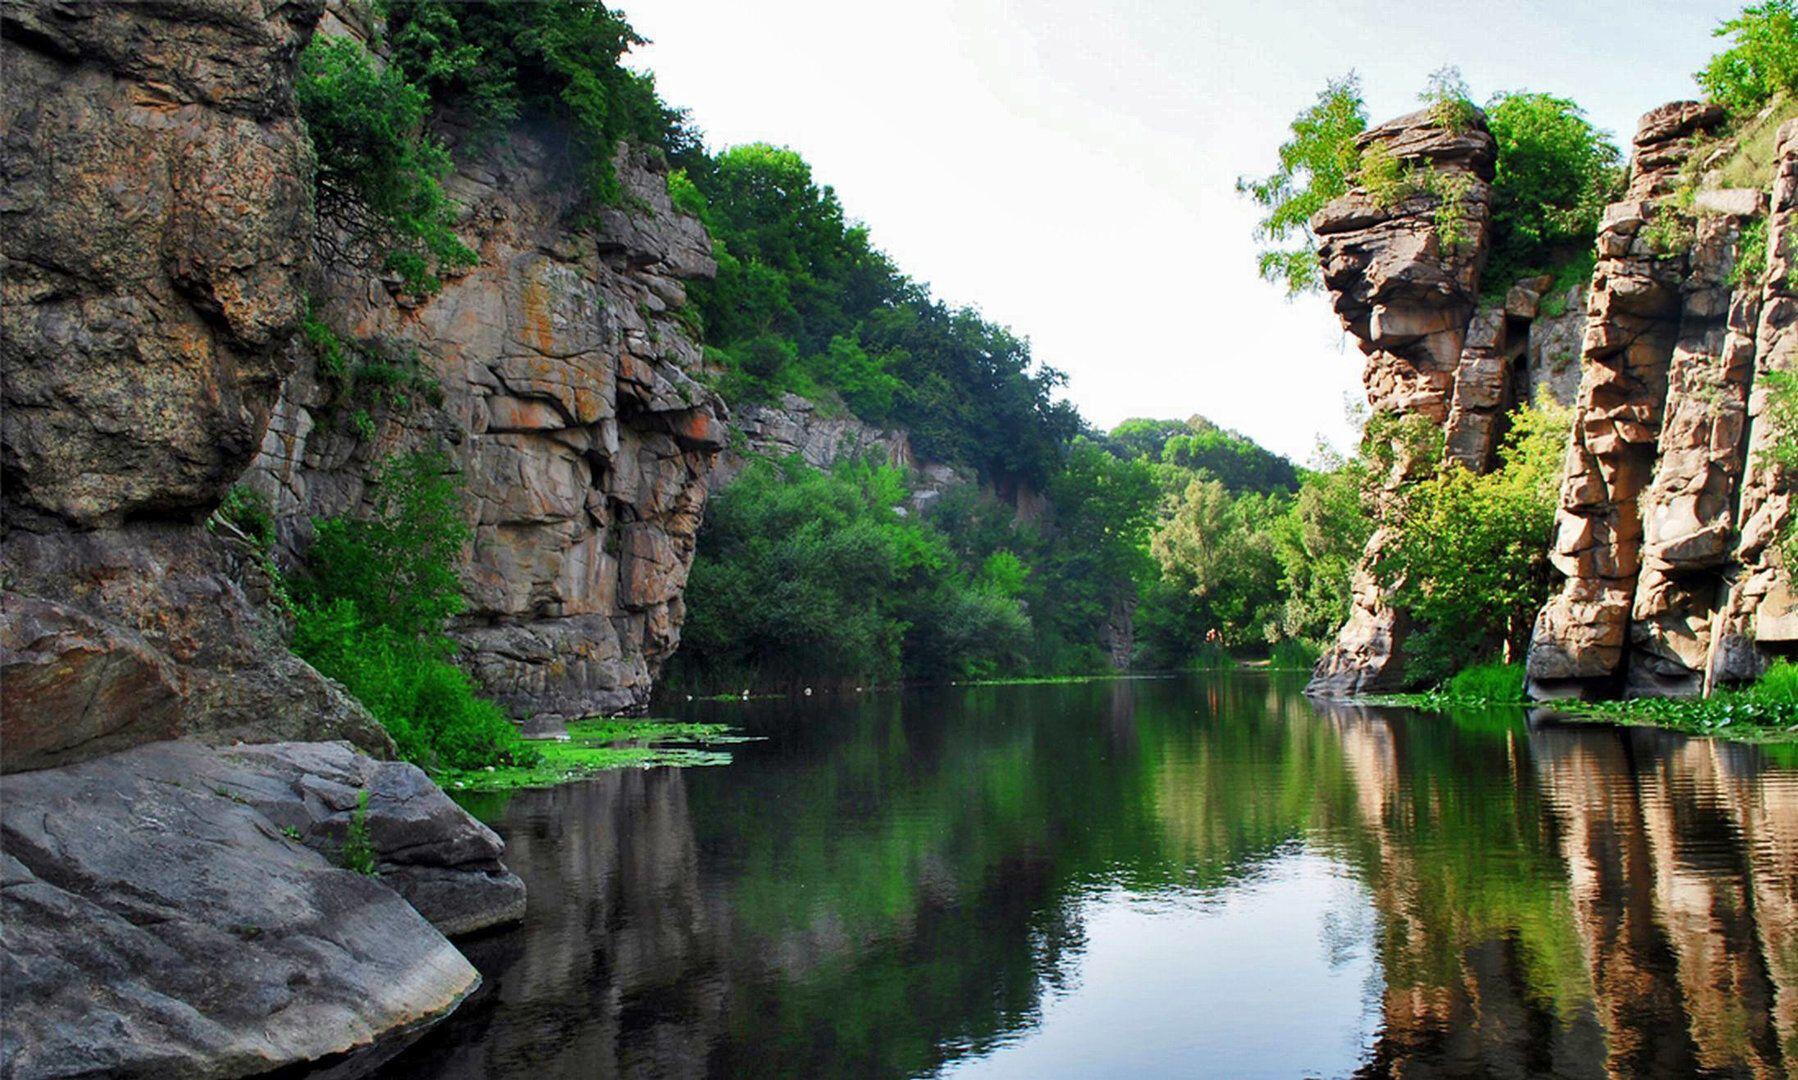 Этот живописный гранитный каньон в Украине называют Маленькой Швейцарией за его красоту